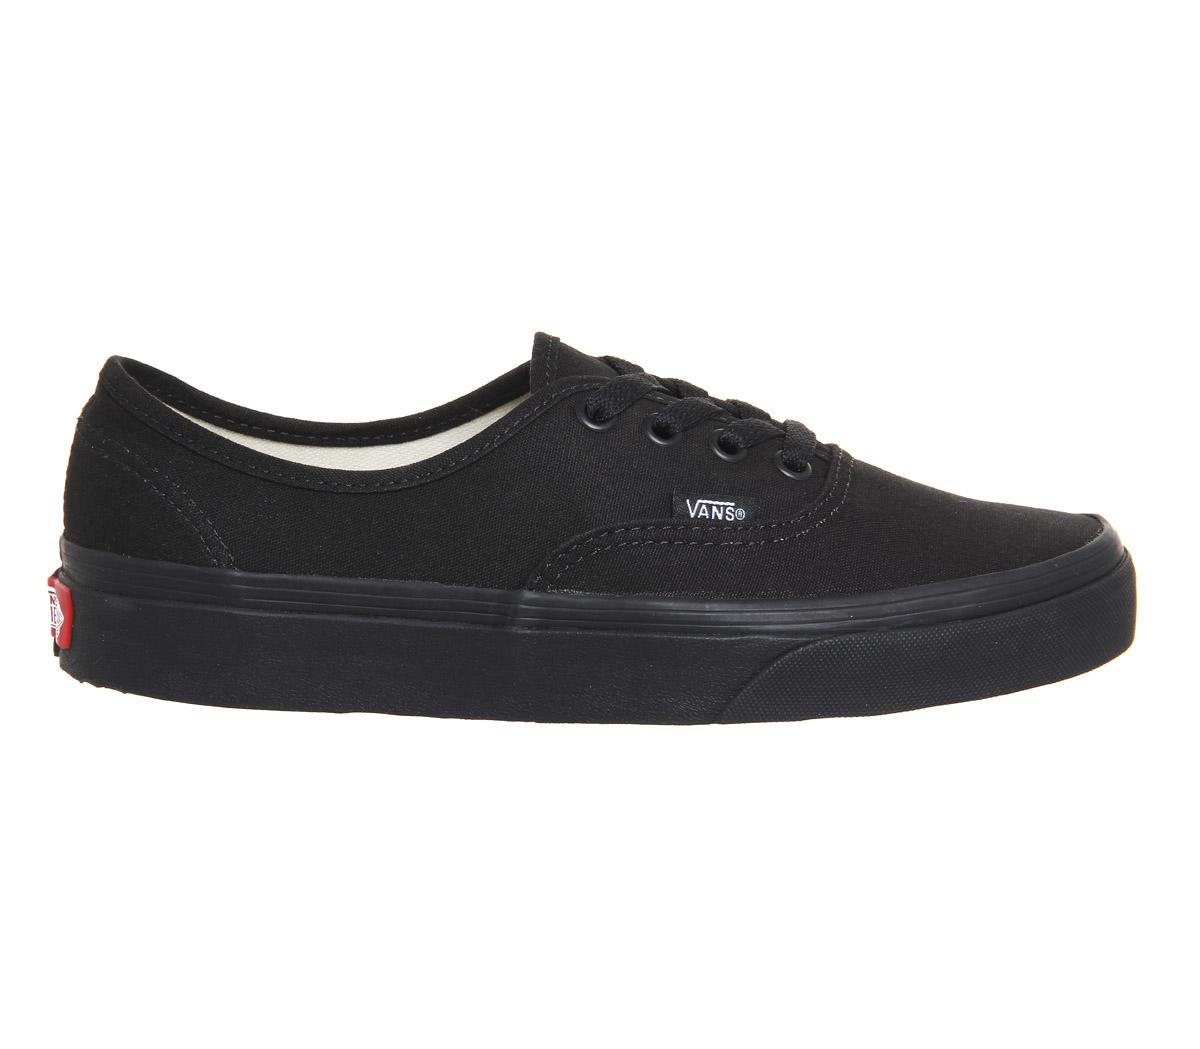 1d55b5274 Sentinel Mens Vans Authentic Black Mono Trainers Shoes